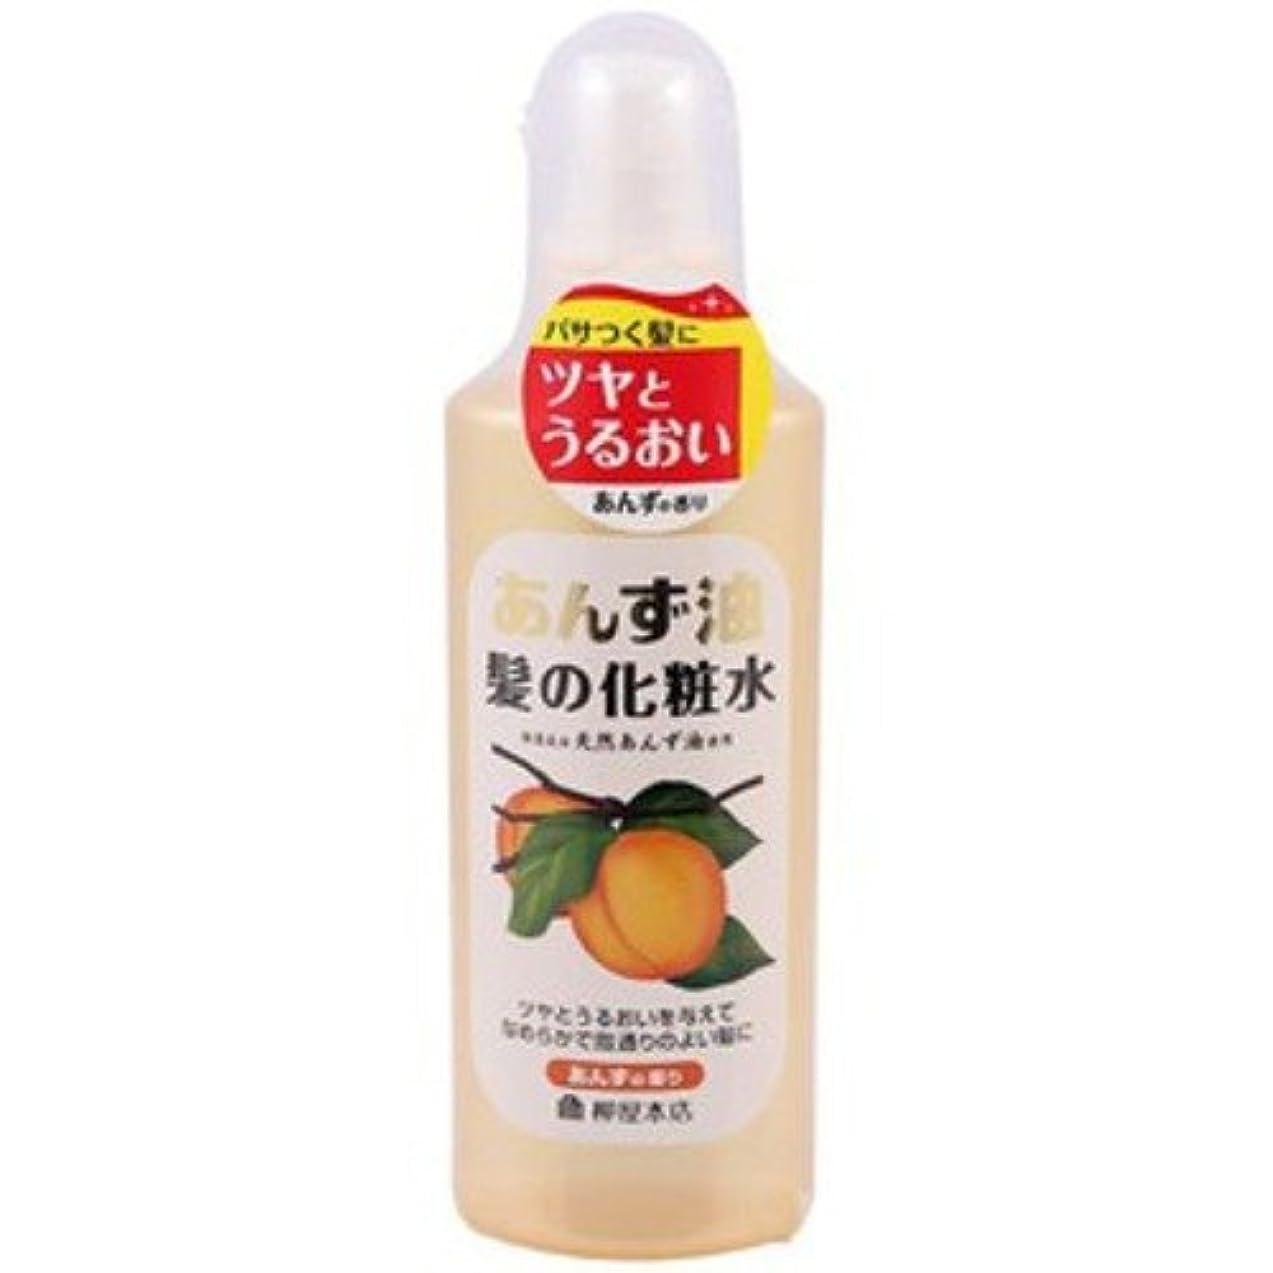 アーティファクトクラフト独立した柳屋 あんず油 髪の化粧水 170ml